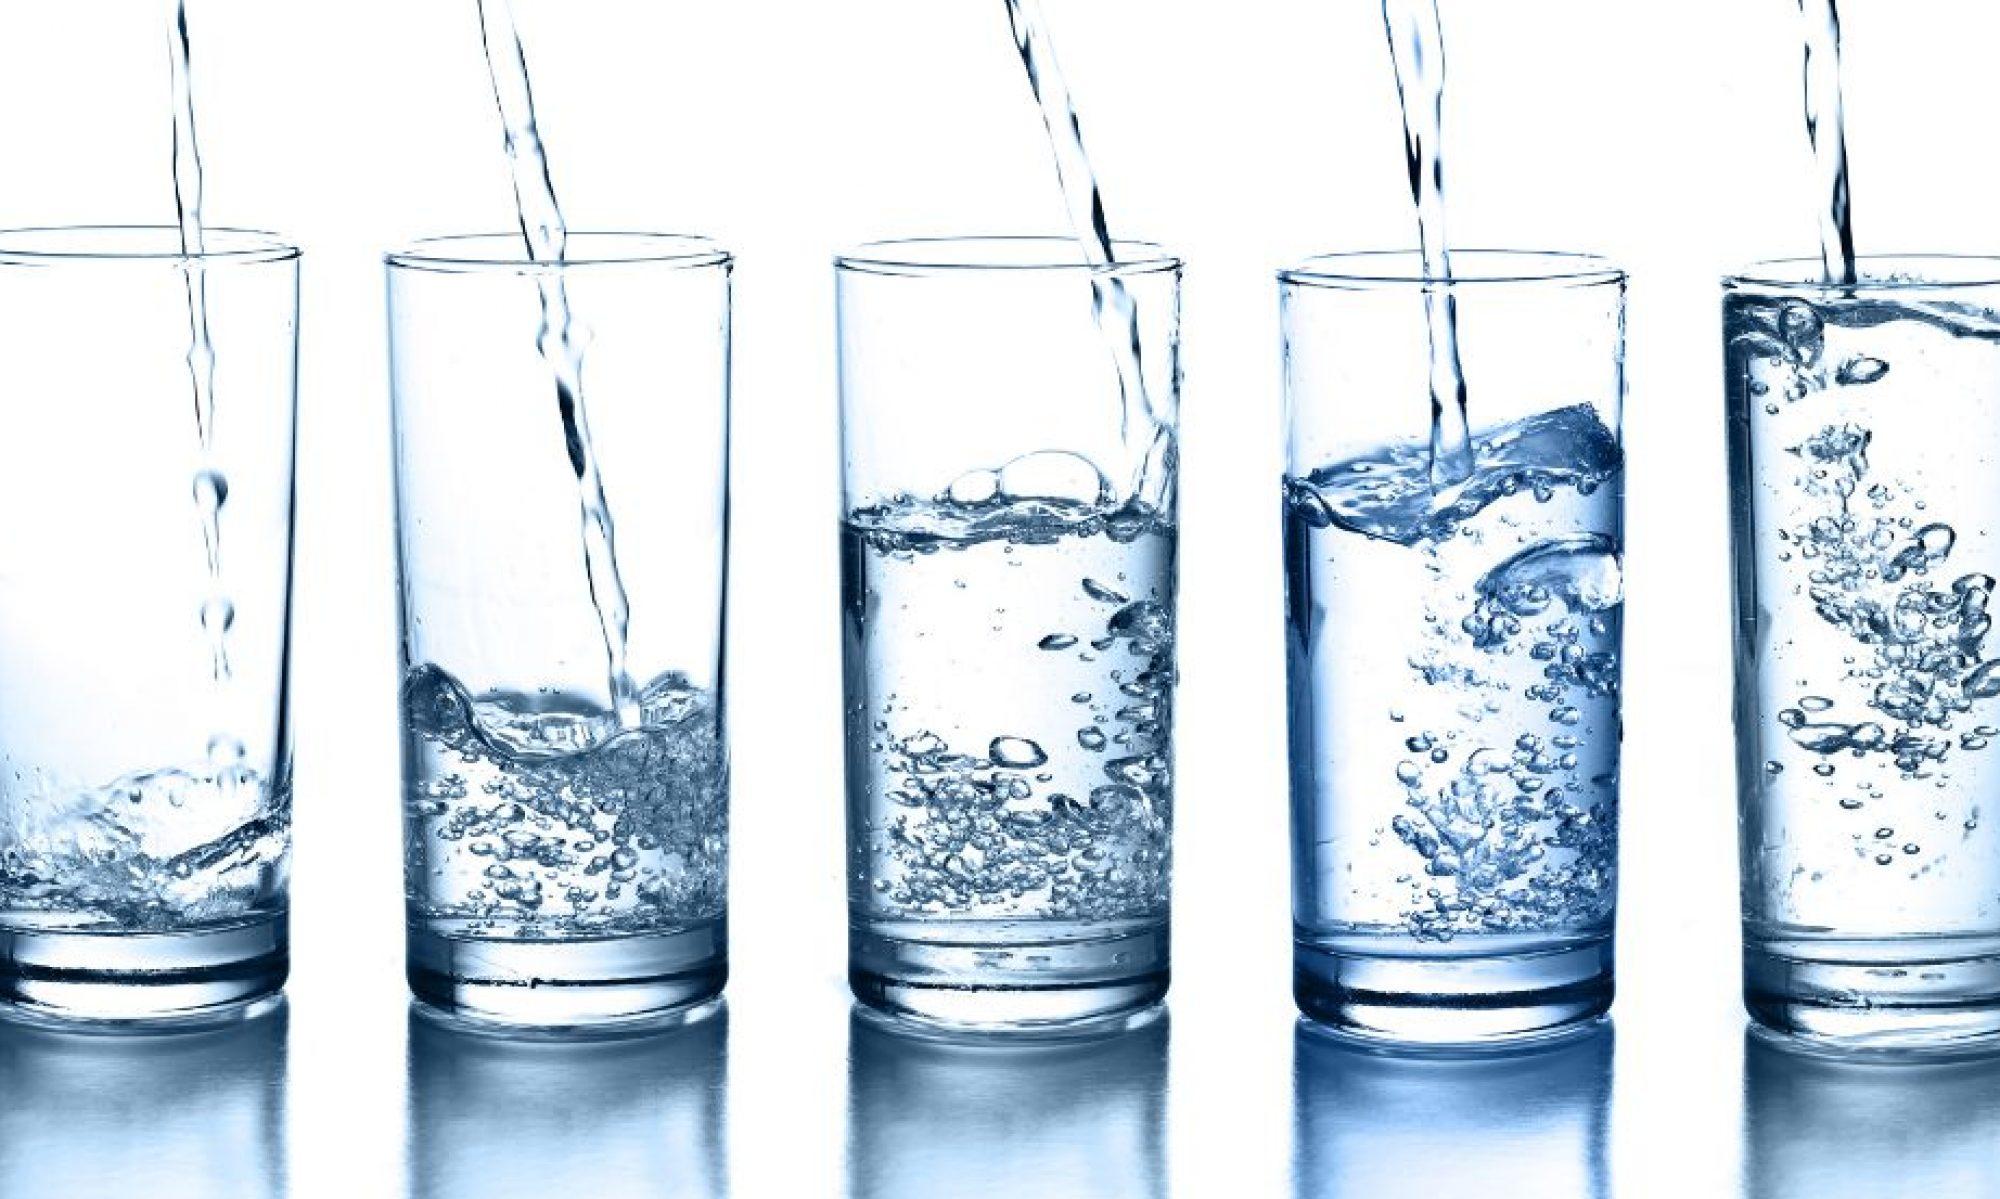 Kalkfreies Wasser